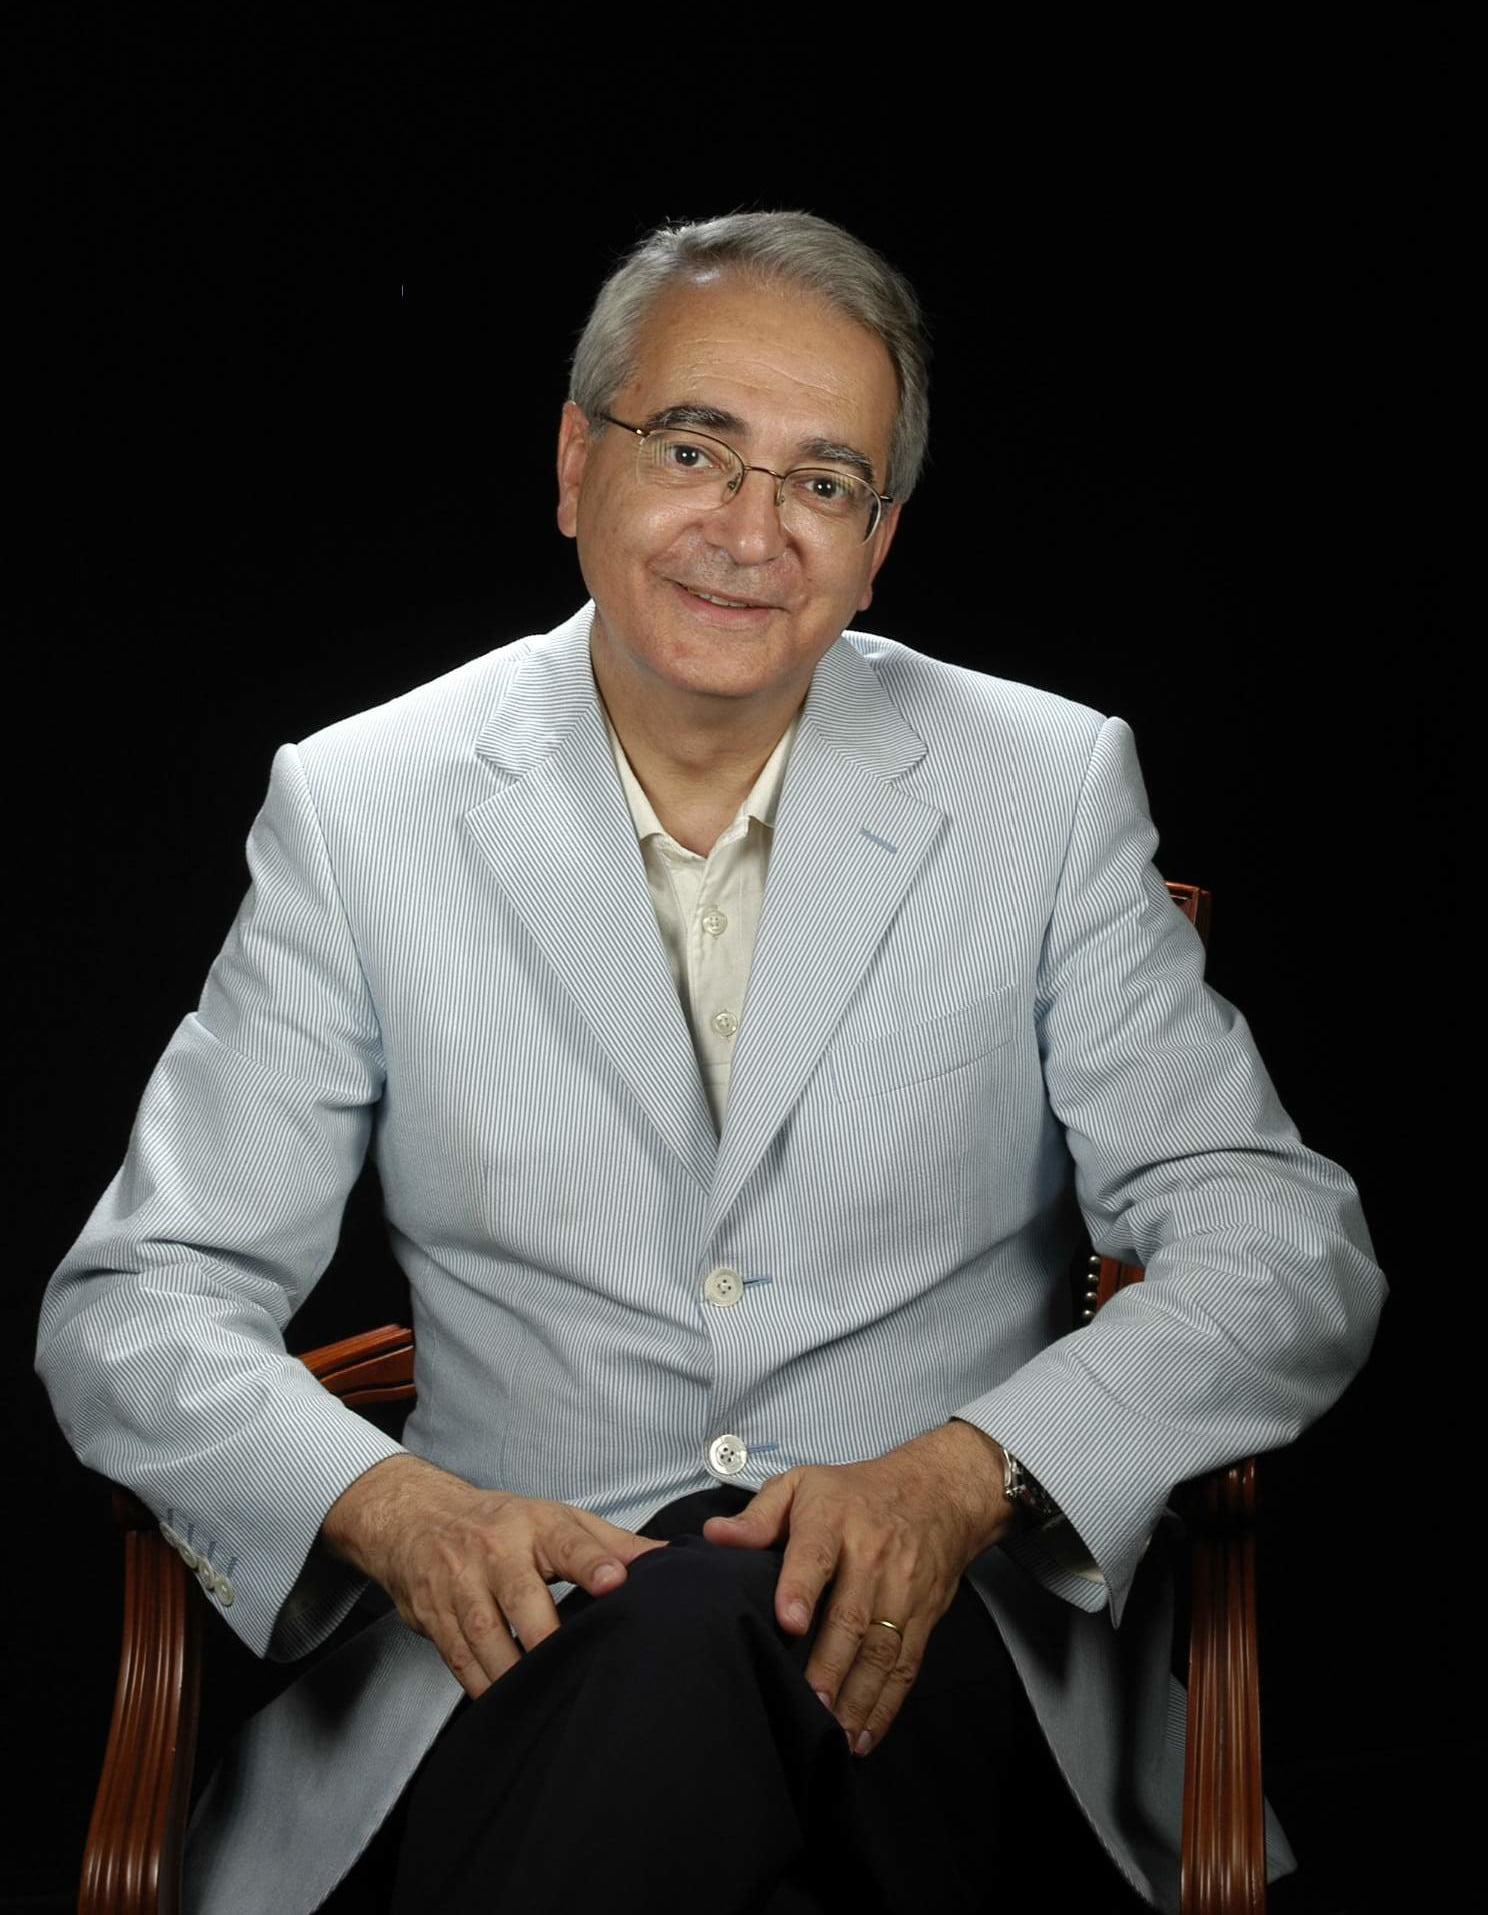 Dr. Antoni Artigas Raventós